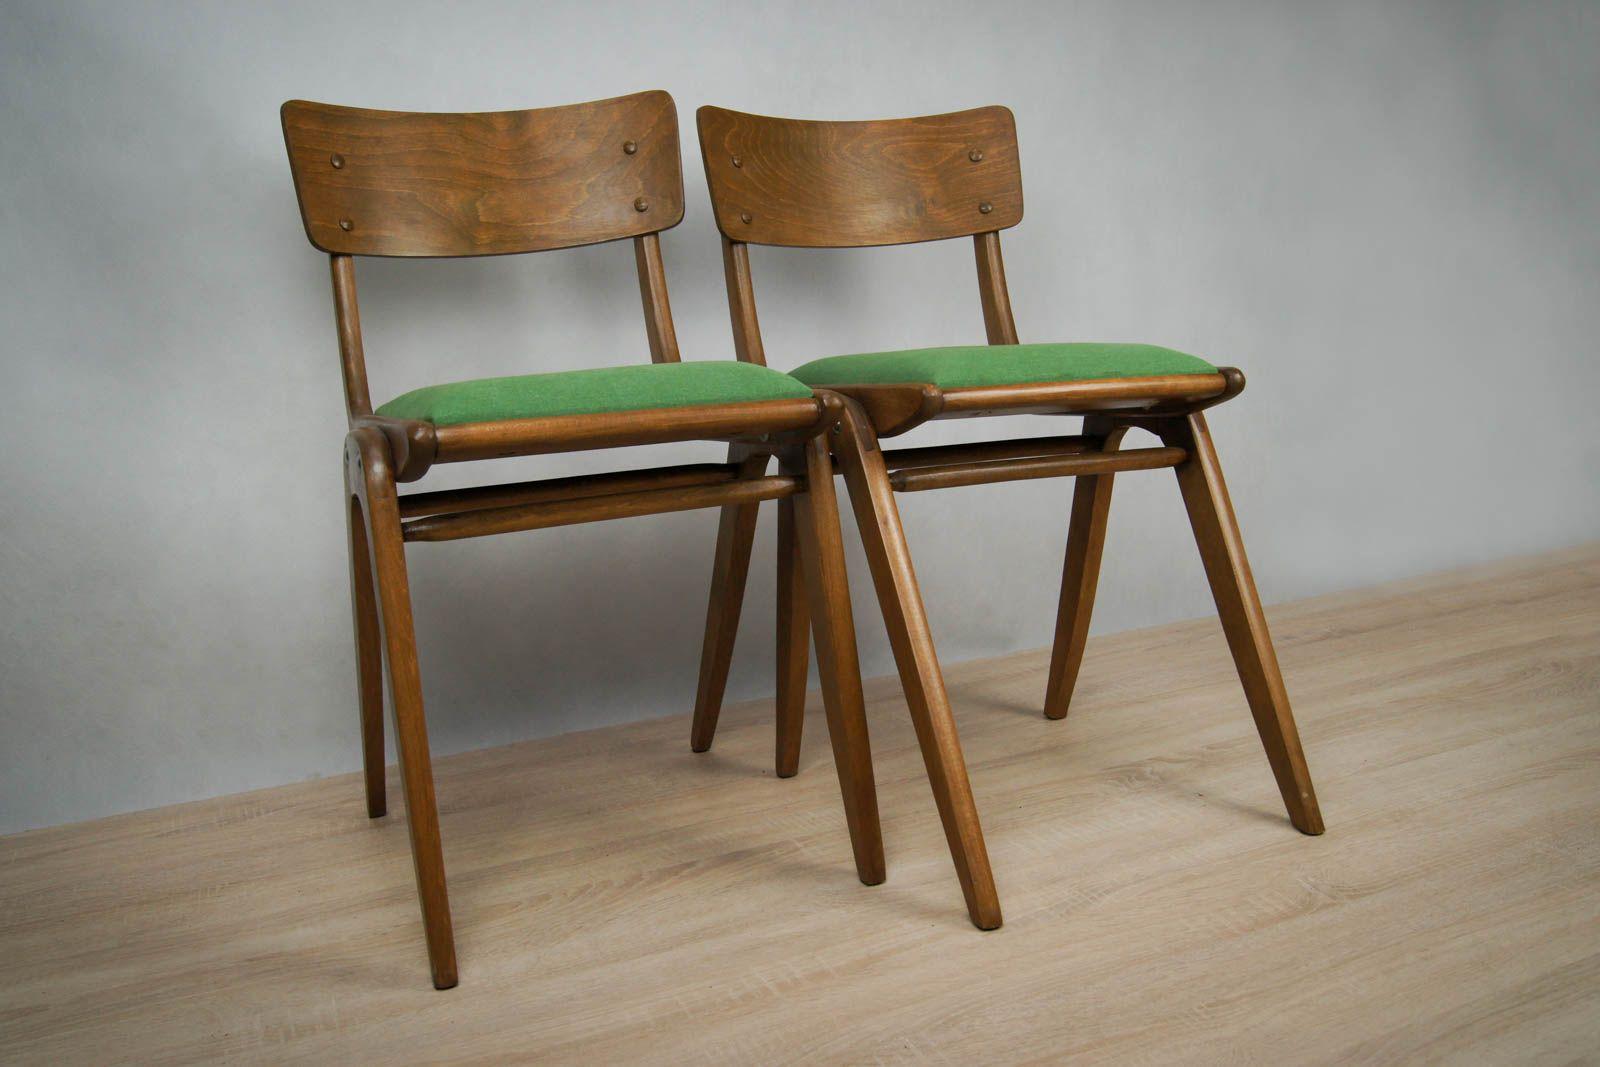 polnische mid century buche st hle mit gr nem bezug 2er set bei pamono kaufen. Black Bedroom Furniture Sets. Home Design Ideas